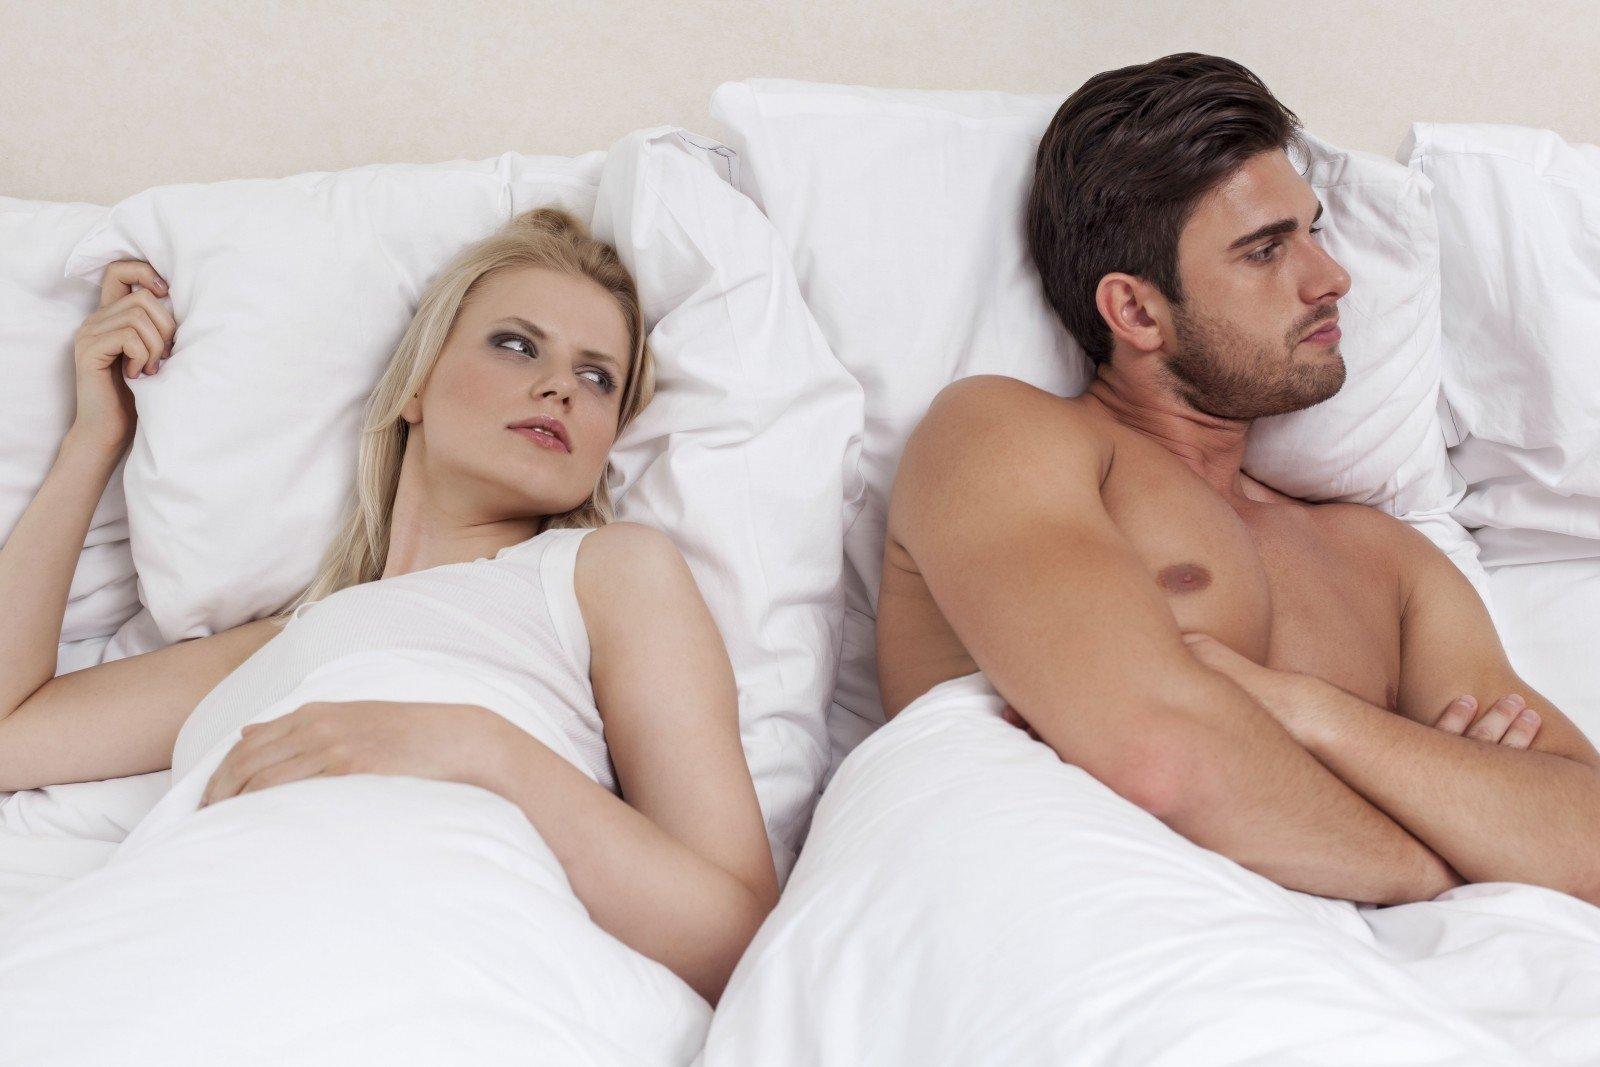 ką moteris turėtų daryti kai vyrui yra erekcija